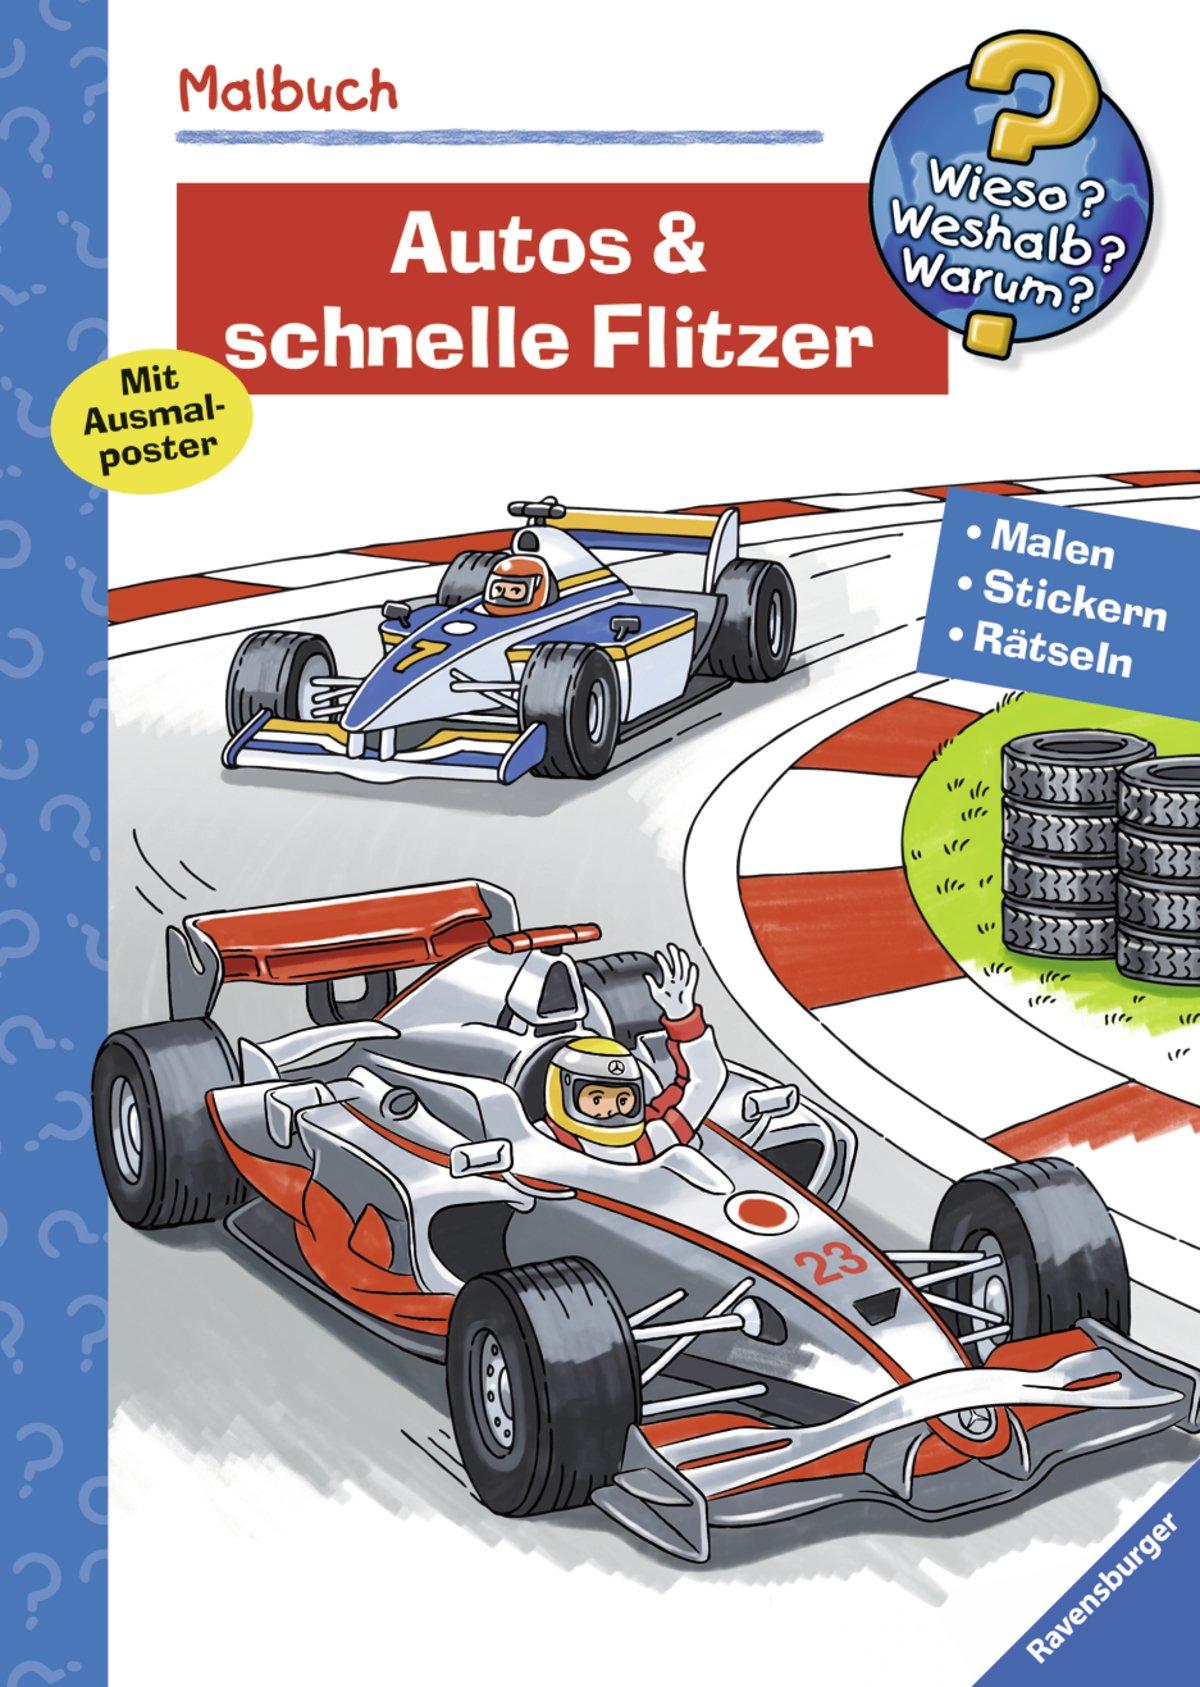 Autos & Flitzer (Wieso? Weshalb? Warum? Malbuch) (Wieso? Weshalb? Warum? Malen, spielen und rätseln)